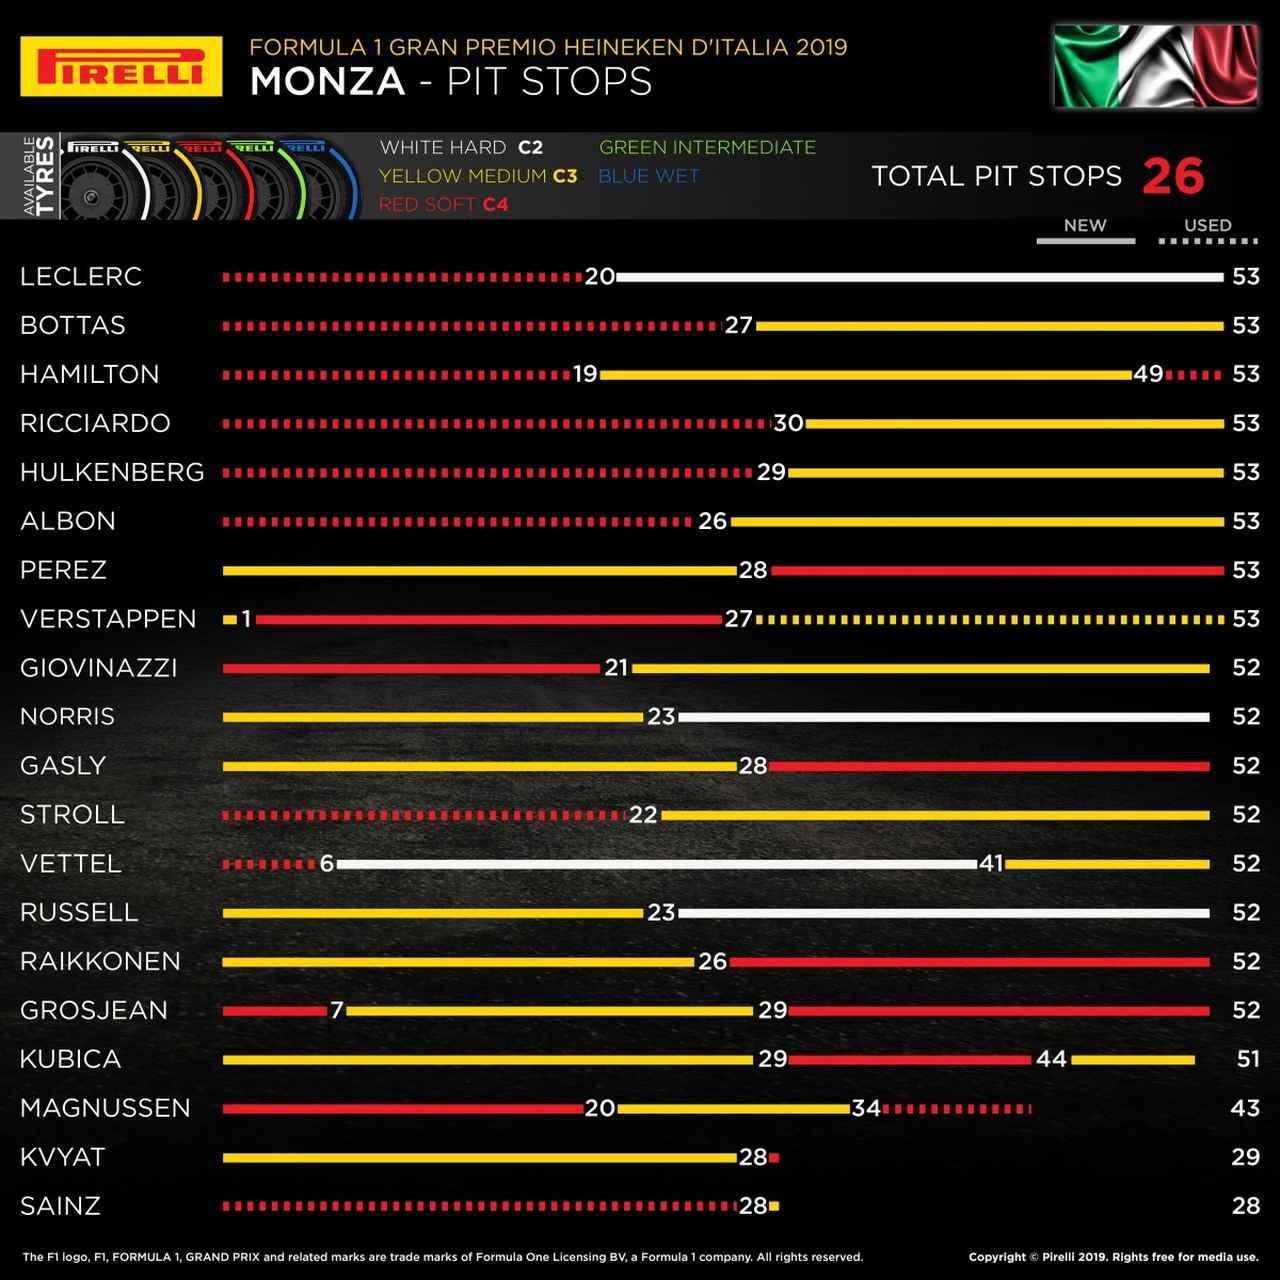 画像: 昨年2019年のイタリアGPでの各ドライバーのタイヤ戦略。タイヤ選択、交換のタイミングなど、さまざまな戦略があった。